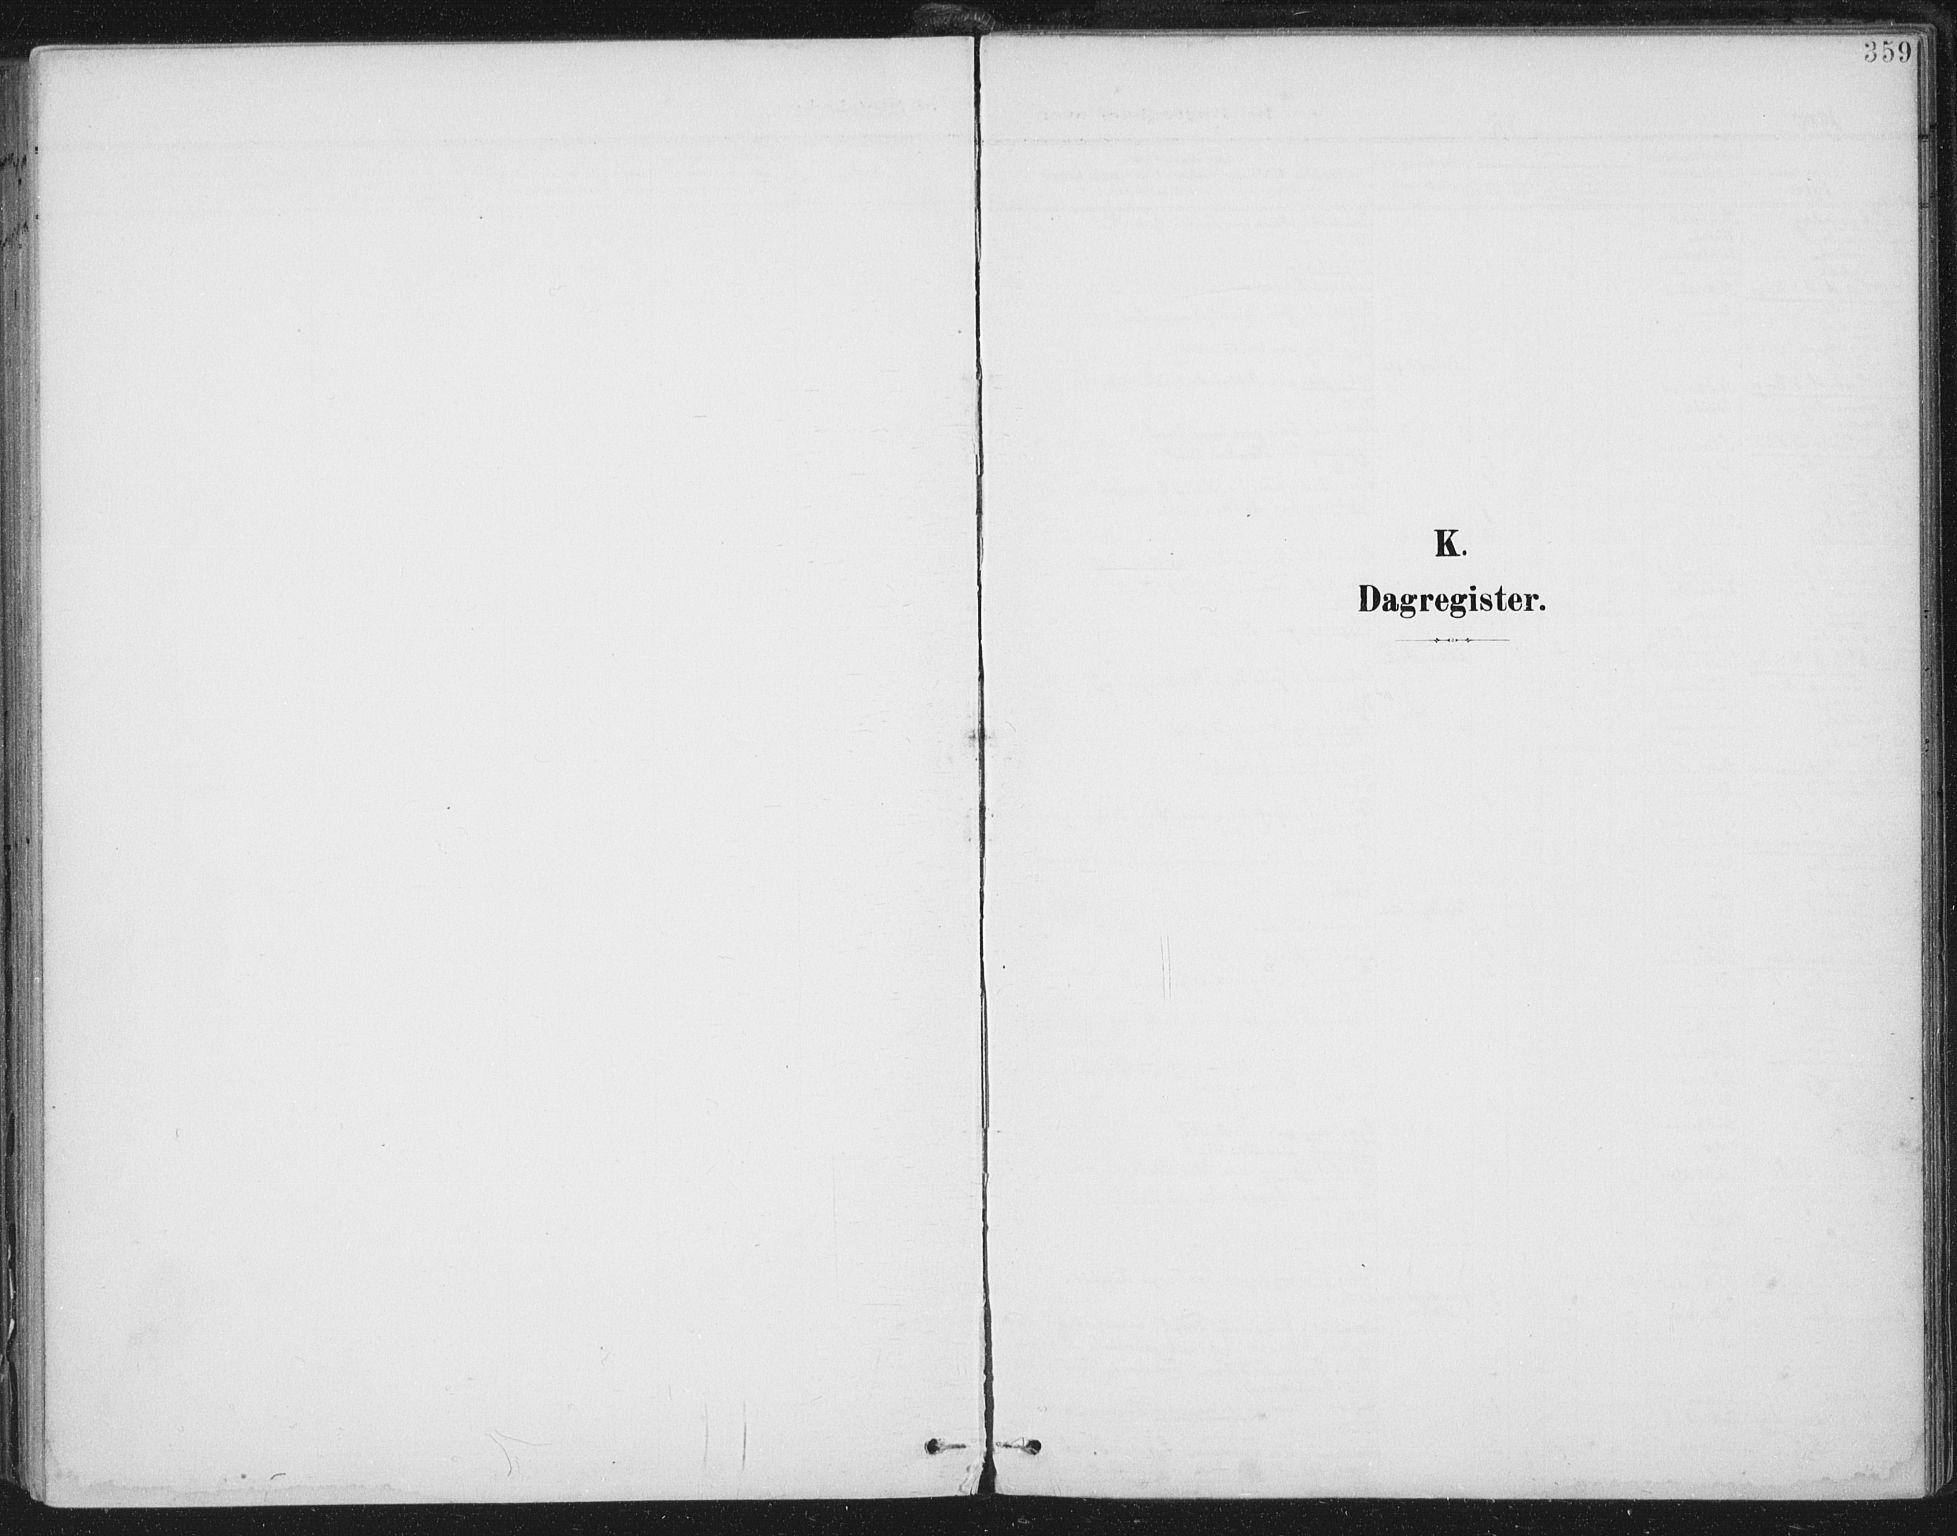 SAT, Ministerialprotokoller, klokkerbøker og fødselsregistre - Nord-Trøndelag, 723/L0246: Ministerialbok nr. 723A15, 1900-1917, s. 359